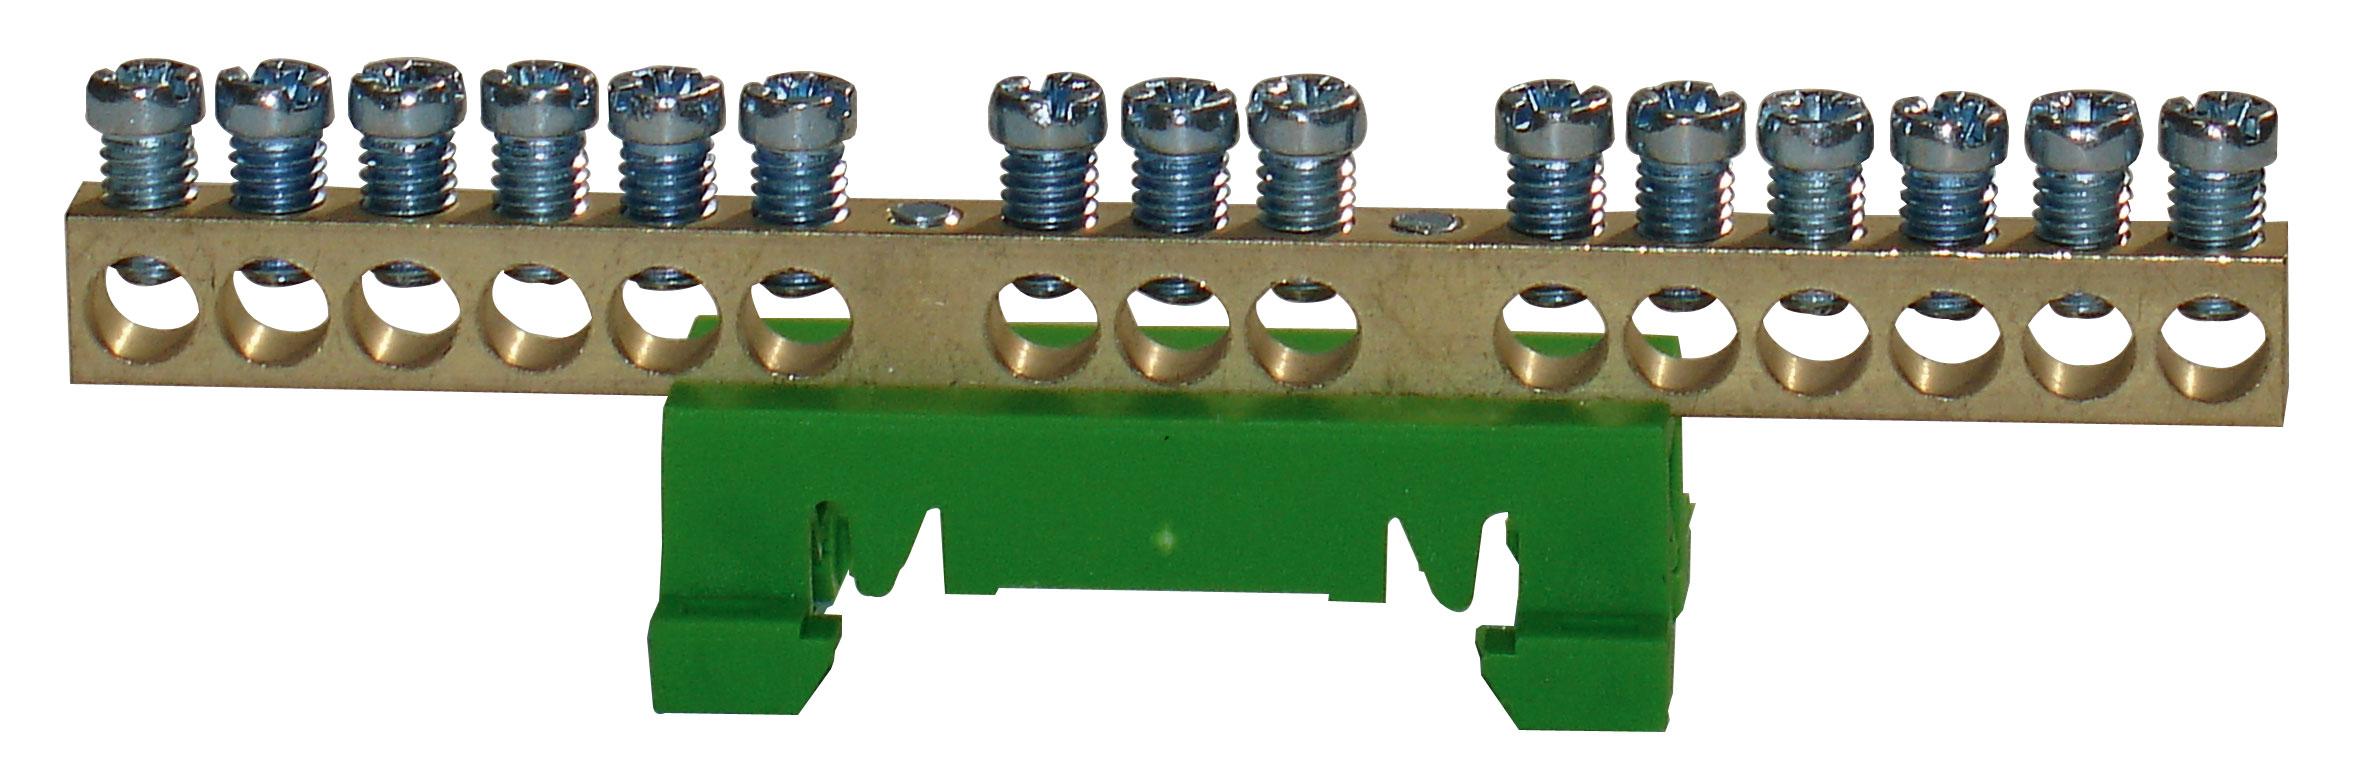 1 Stk Schutzleiterleiterklemme, 15 Abgänge IK021039--